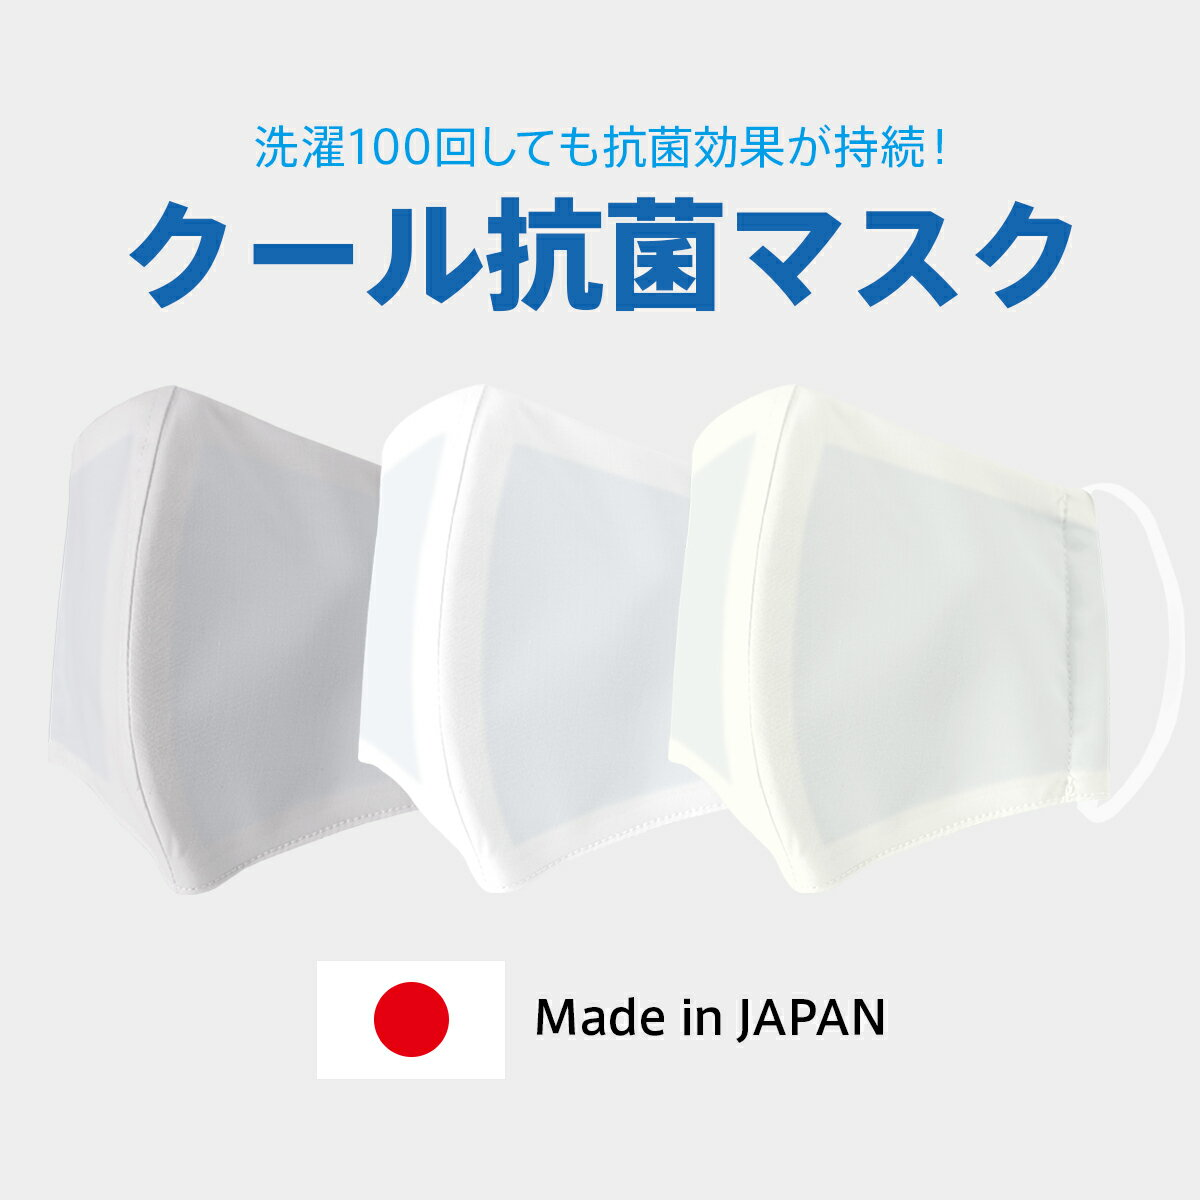 速報 マスク 製 com 在庫 日本